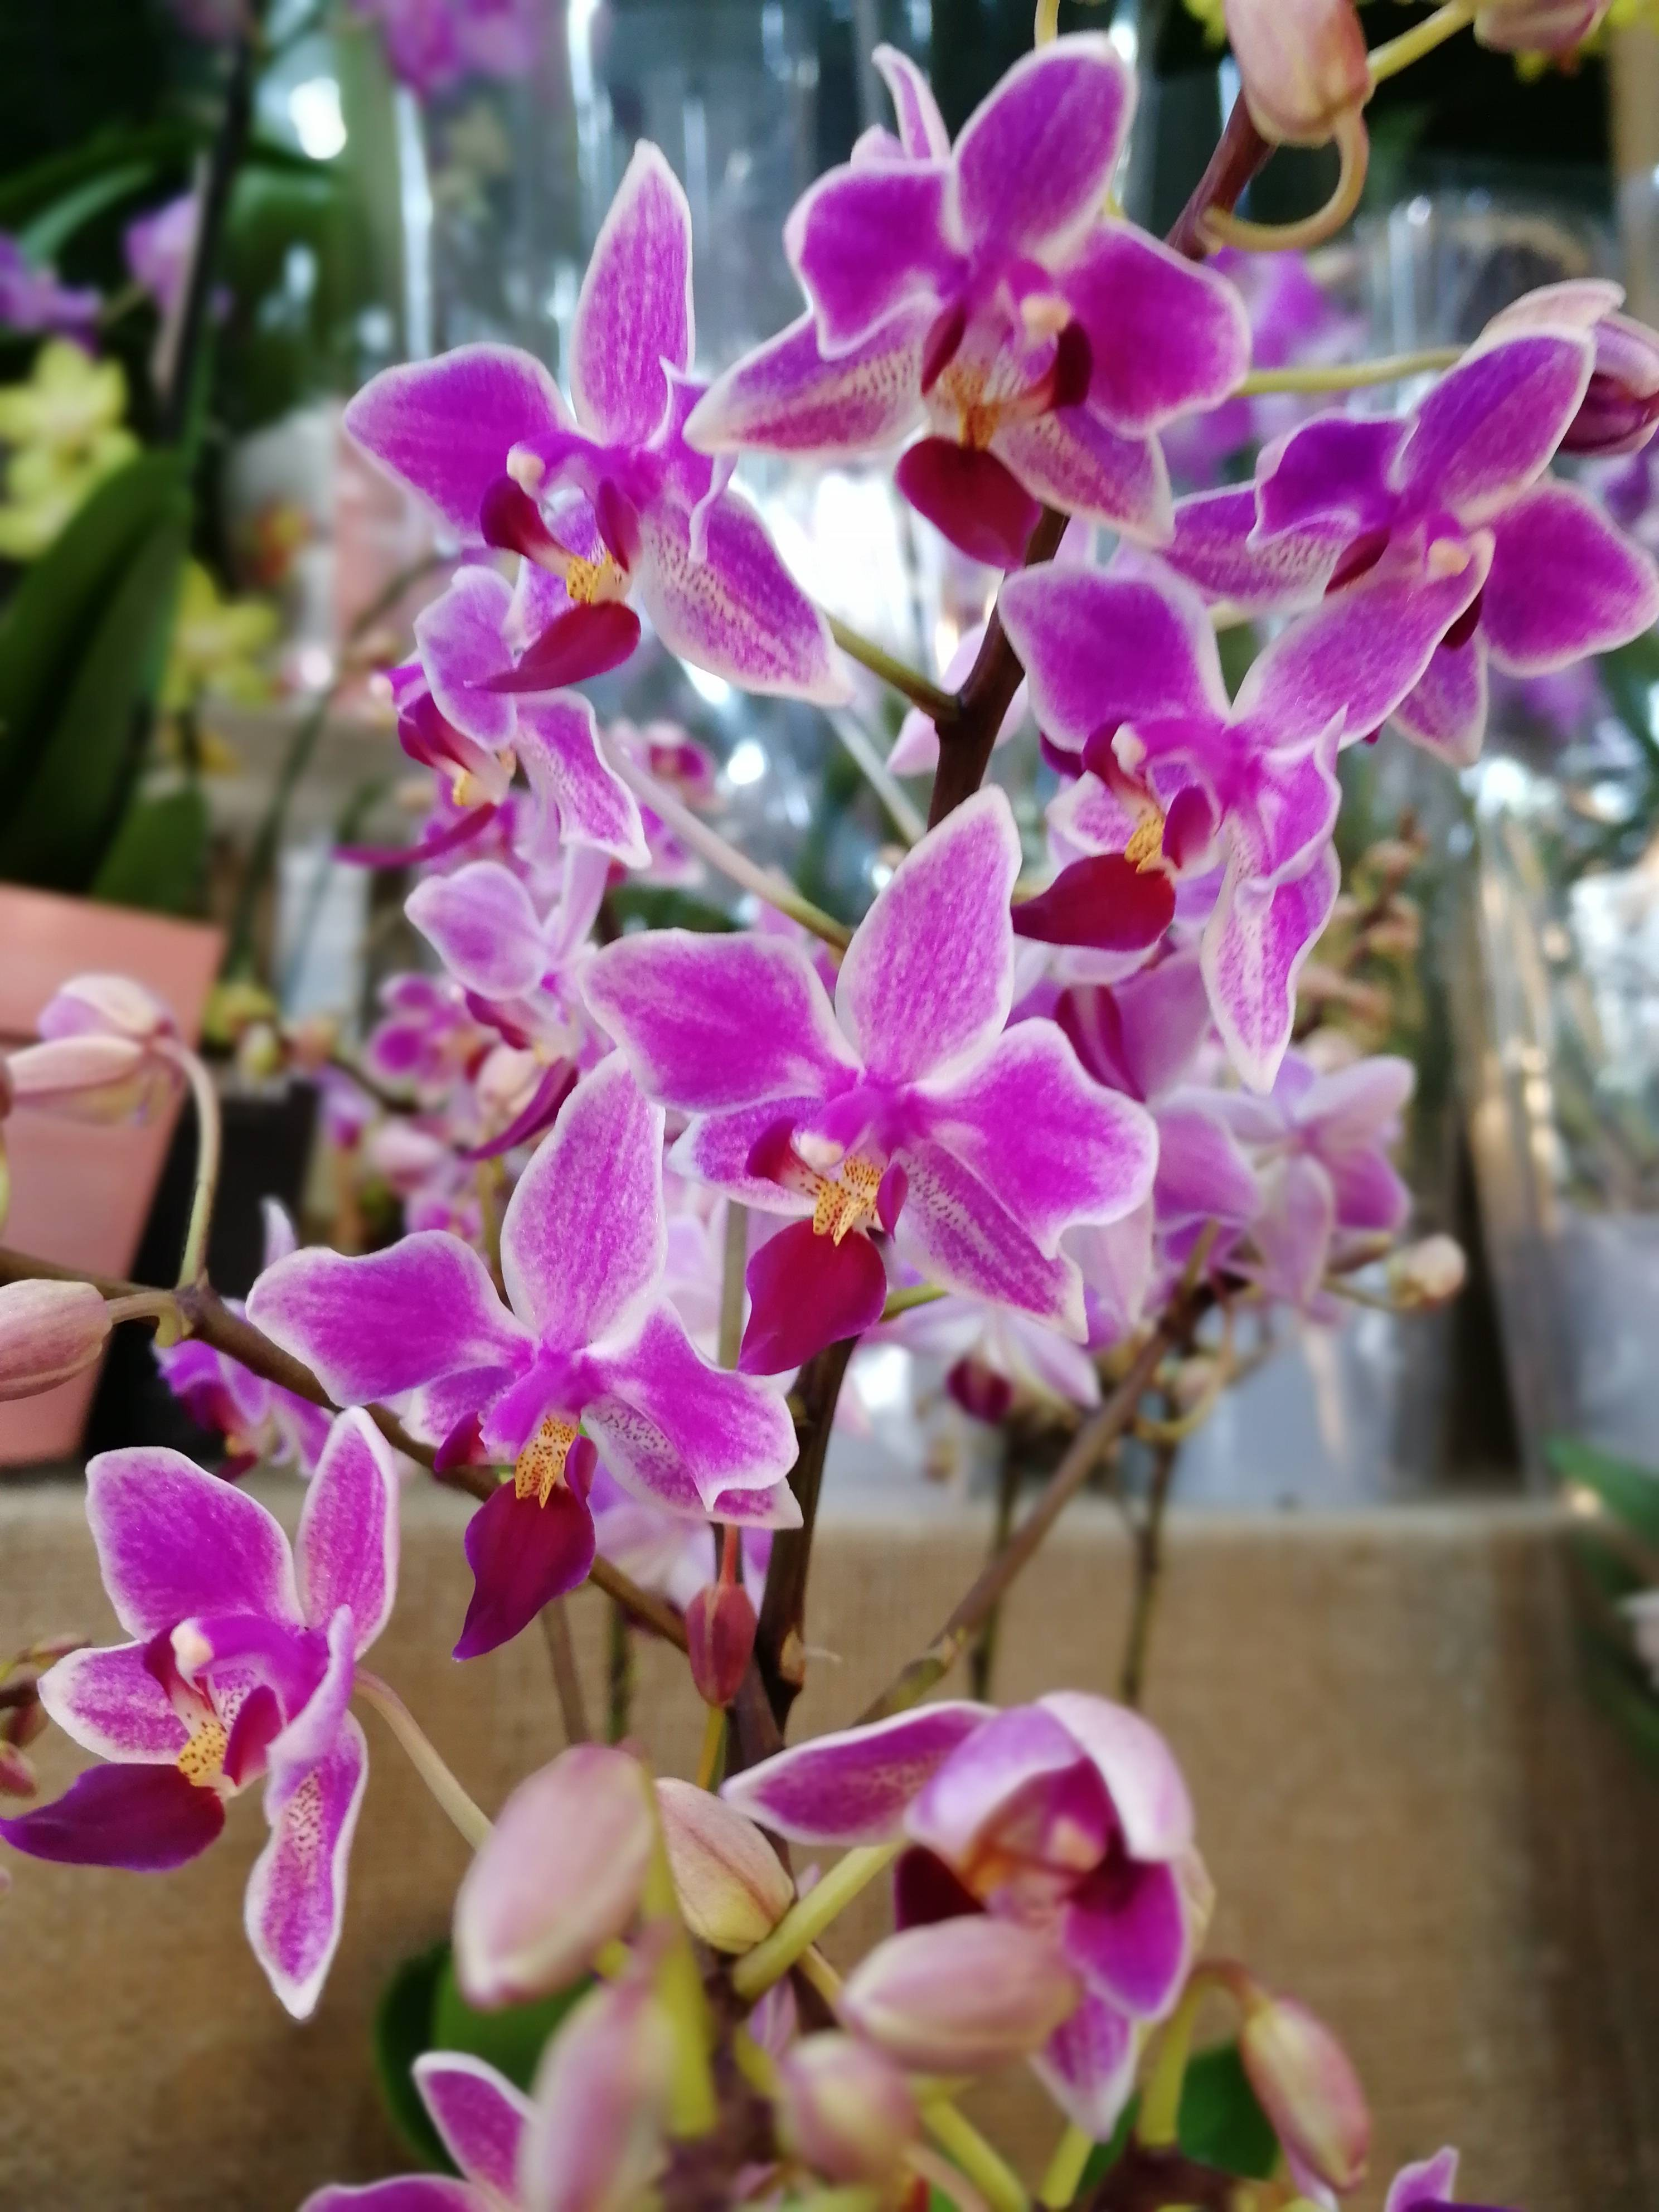 Фаленопсис микс: уход в домашних условиях после магазина, описание и фото орхидеи, кто придумал такое название и что это означает, как размножить и защитить цветок? русский фермер